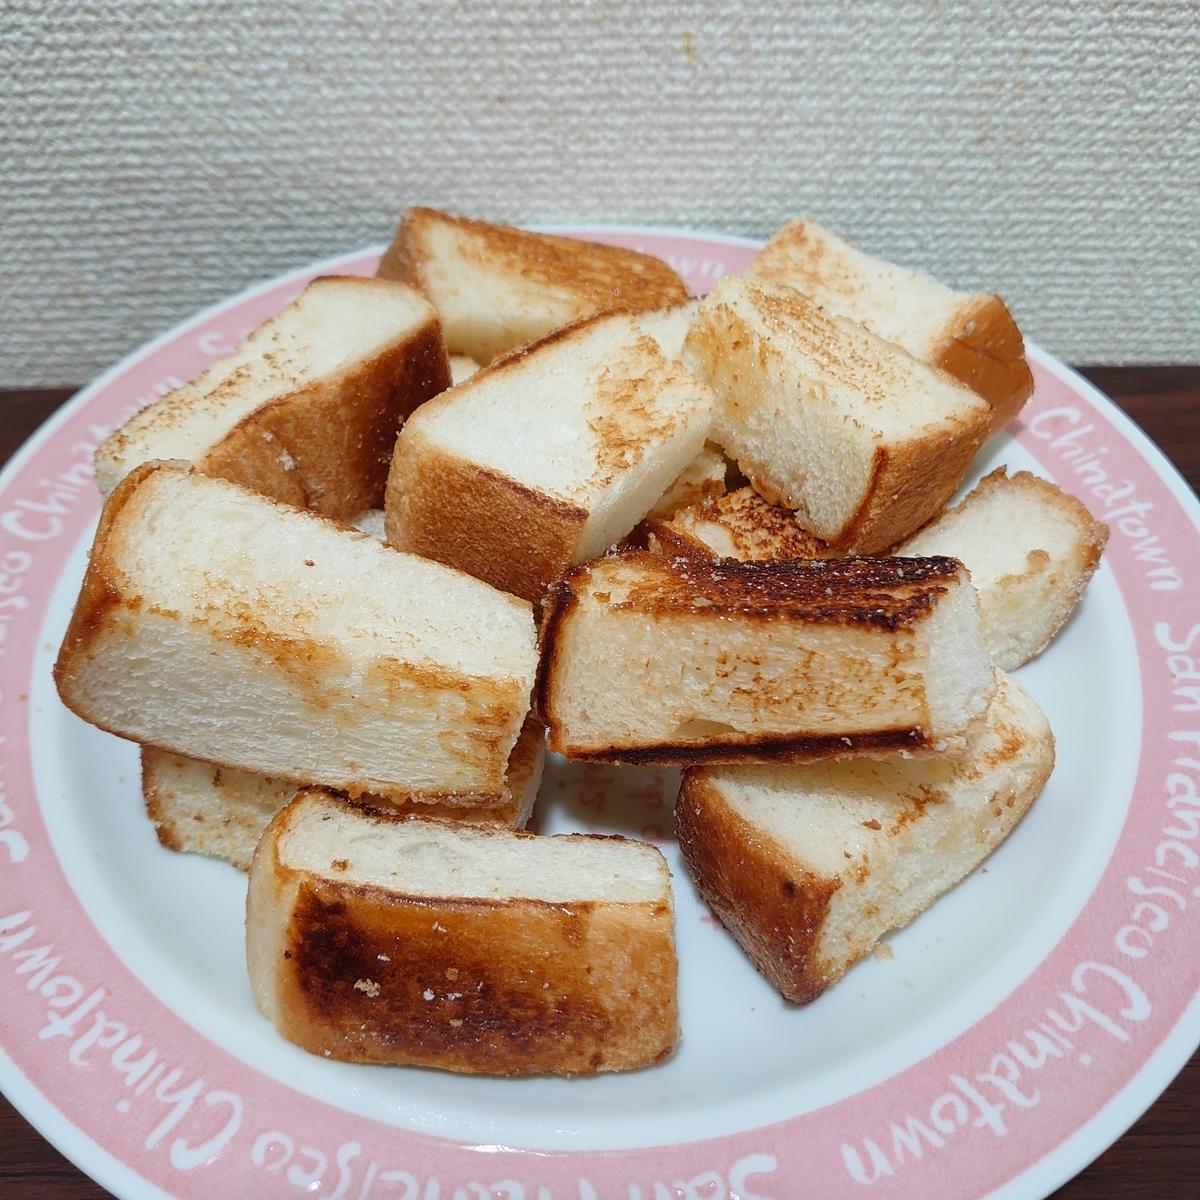 完成した食パンのおやつ